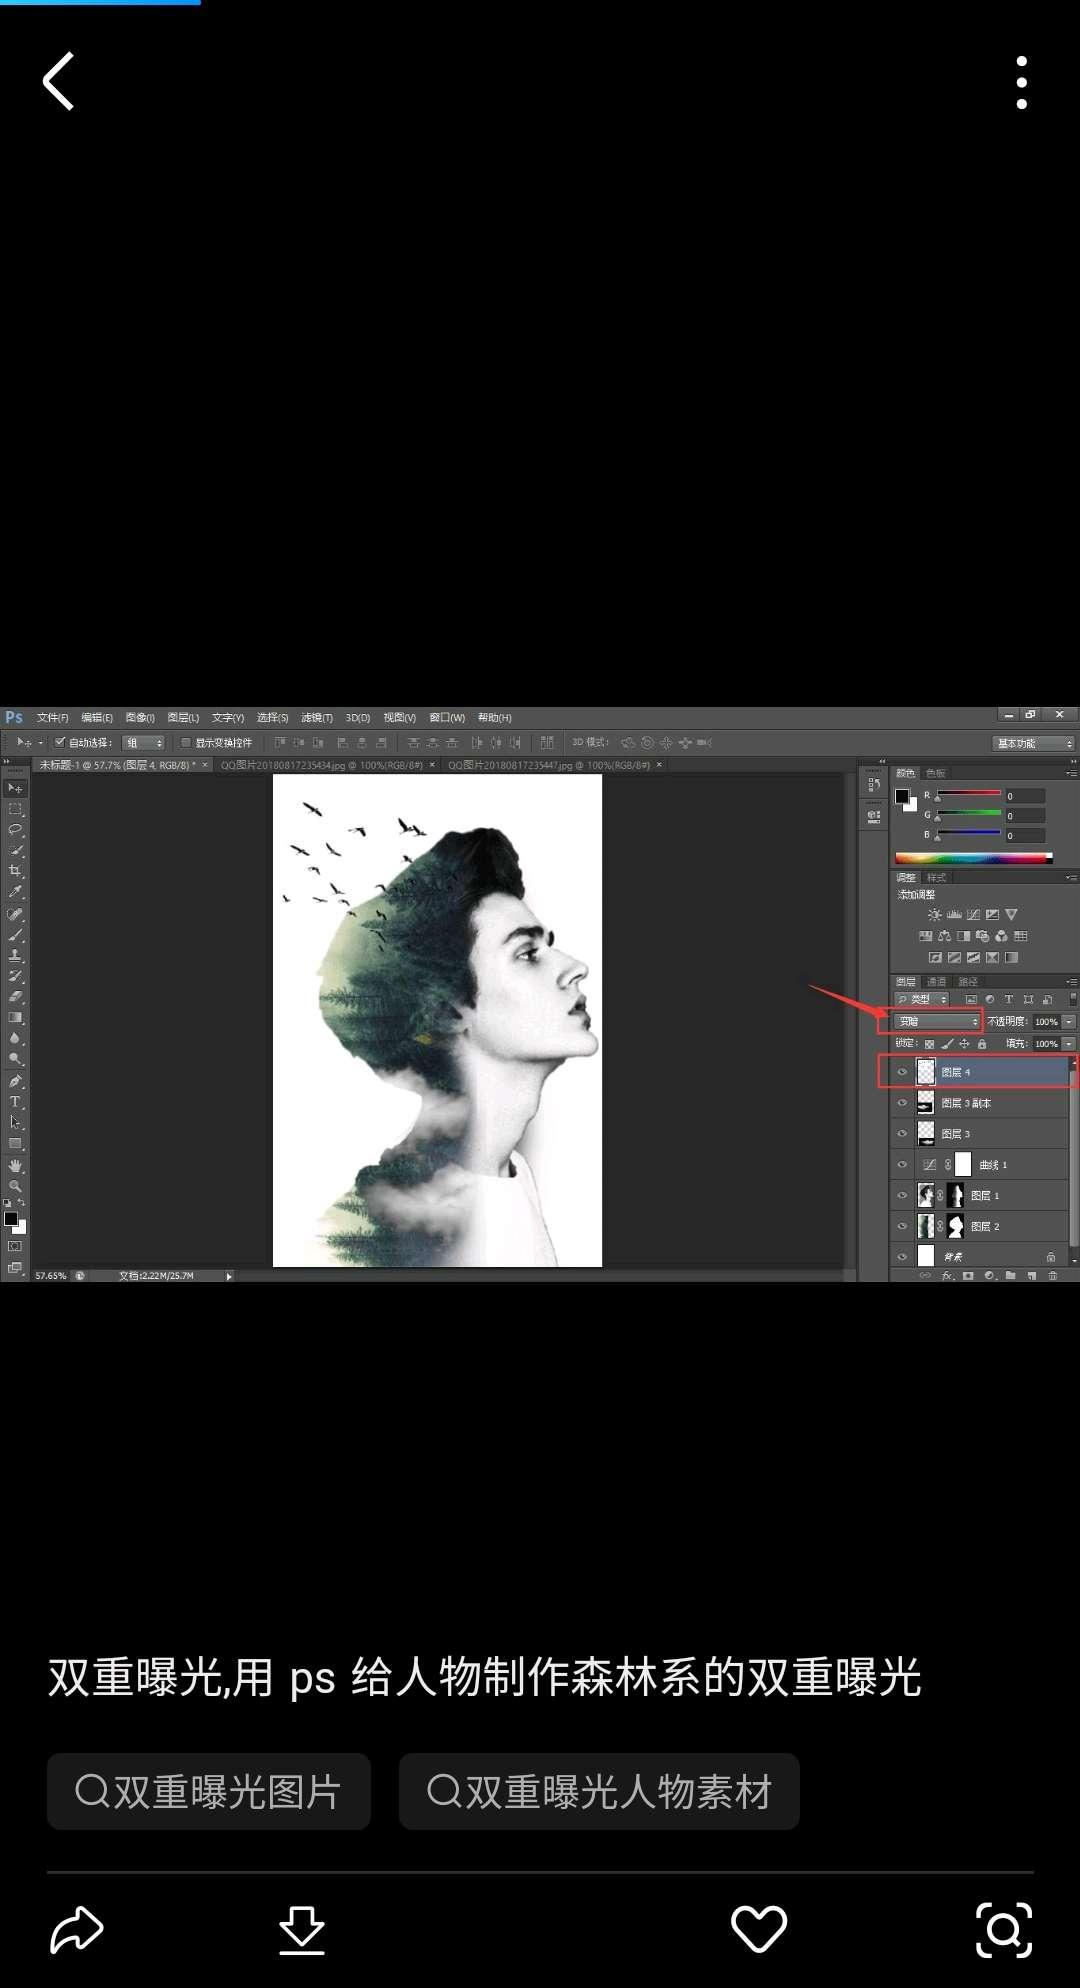 rBAAdmBPgI2AT_aaAAFOlOg3_6A857.jpg插图(2)